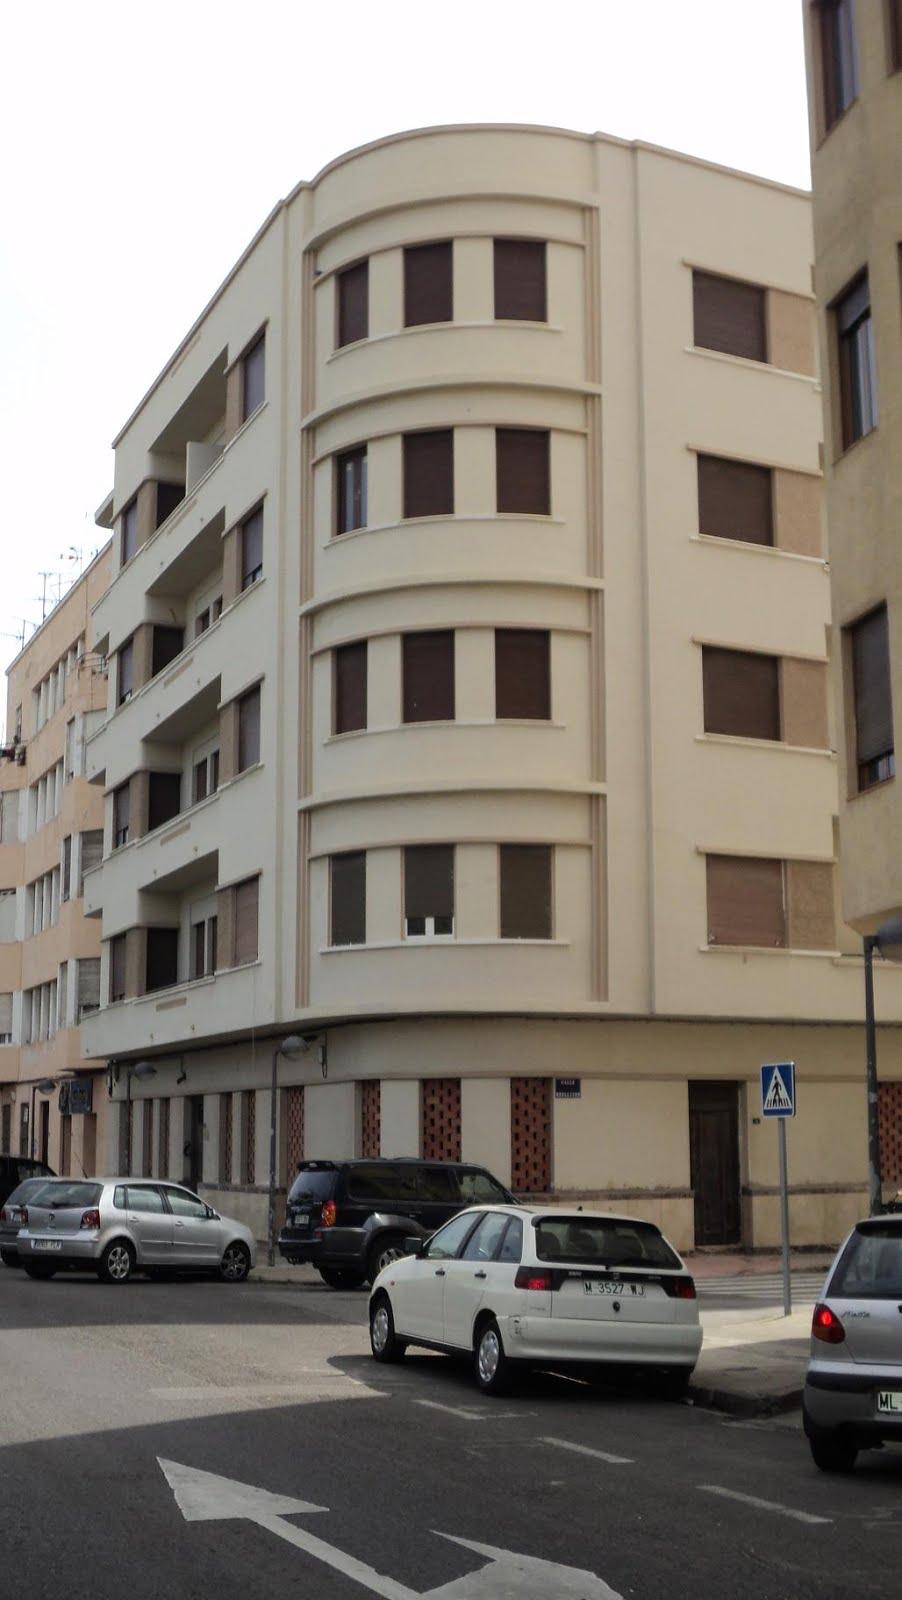 Melilla ciudad desconocida francisco hernanz mart nez arquitecto - Trabajo arquitecto madrid ...